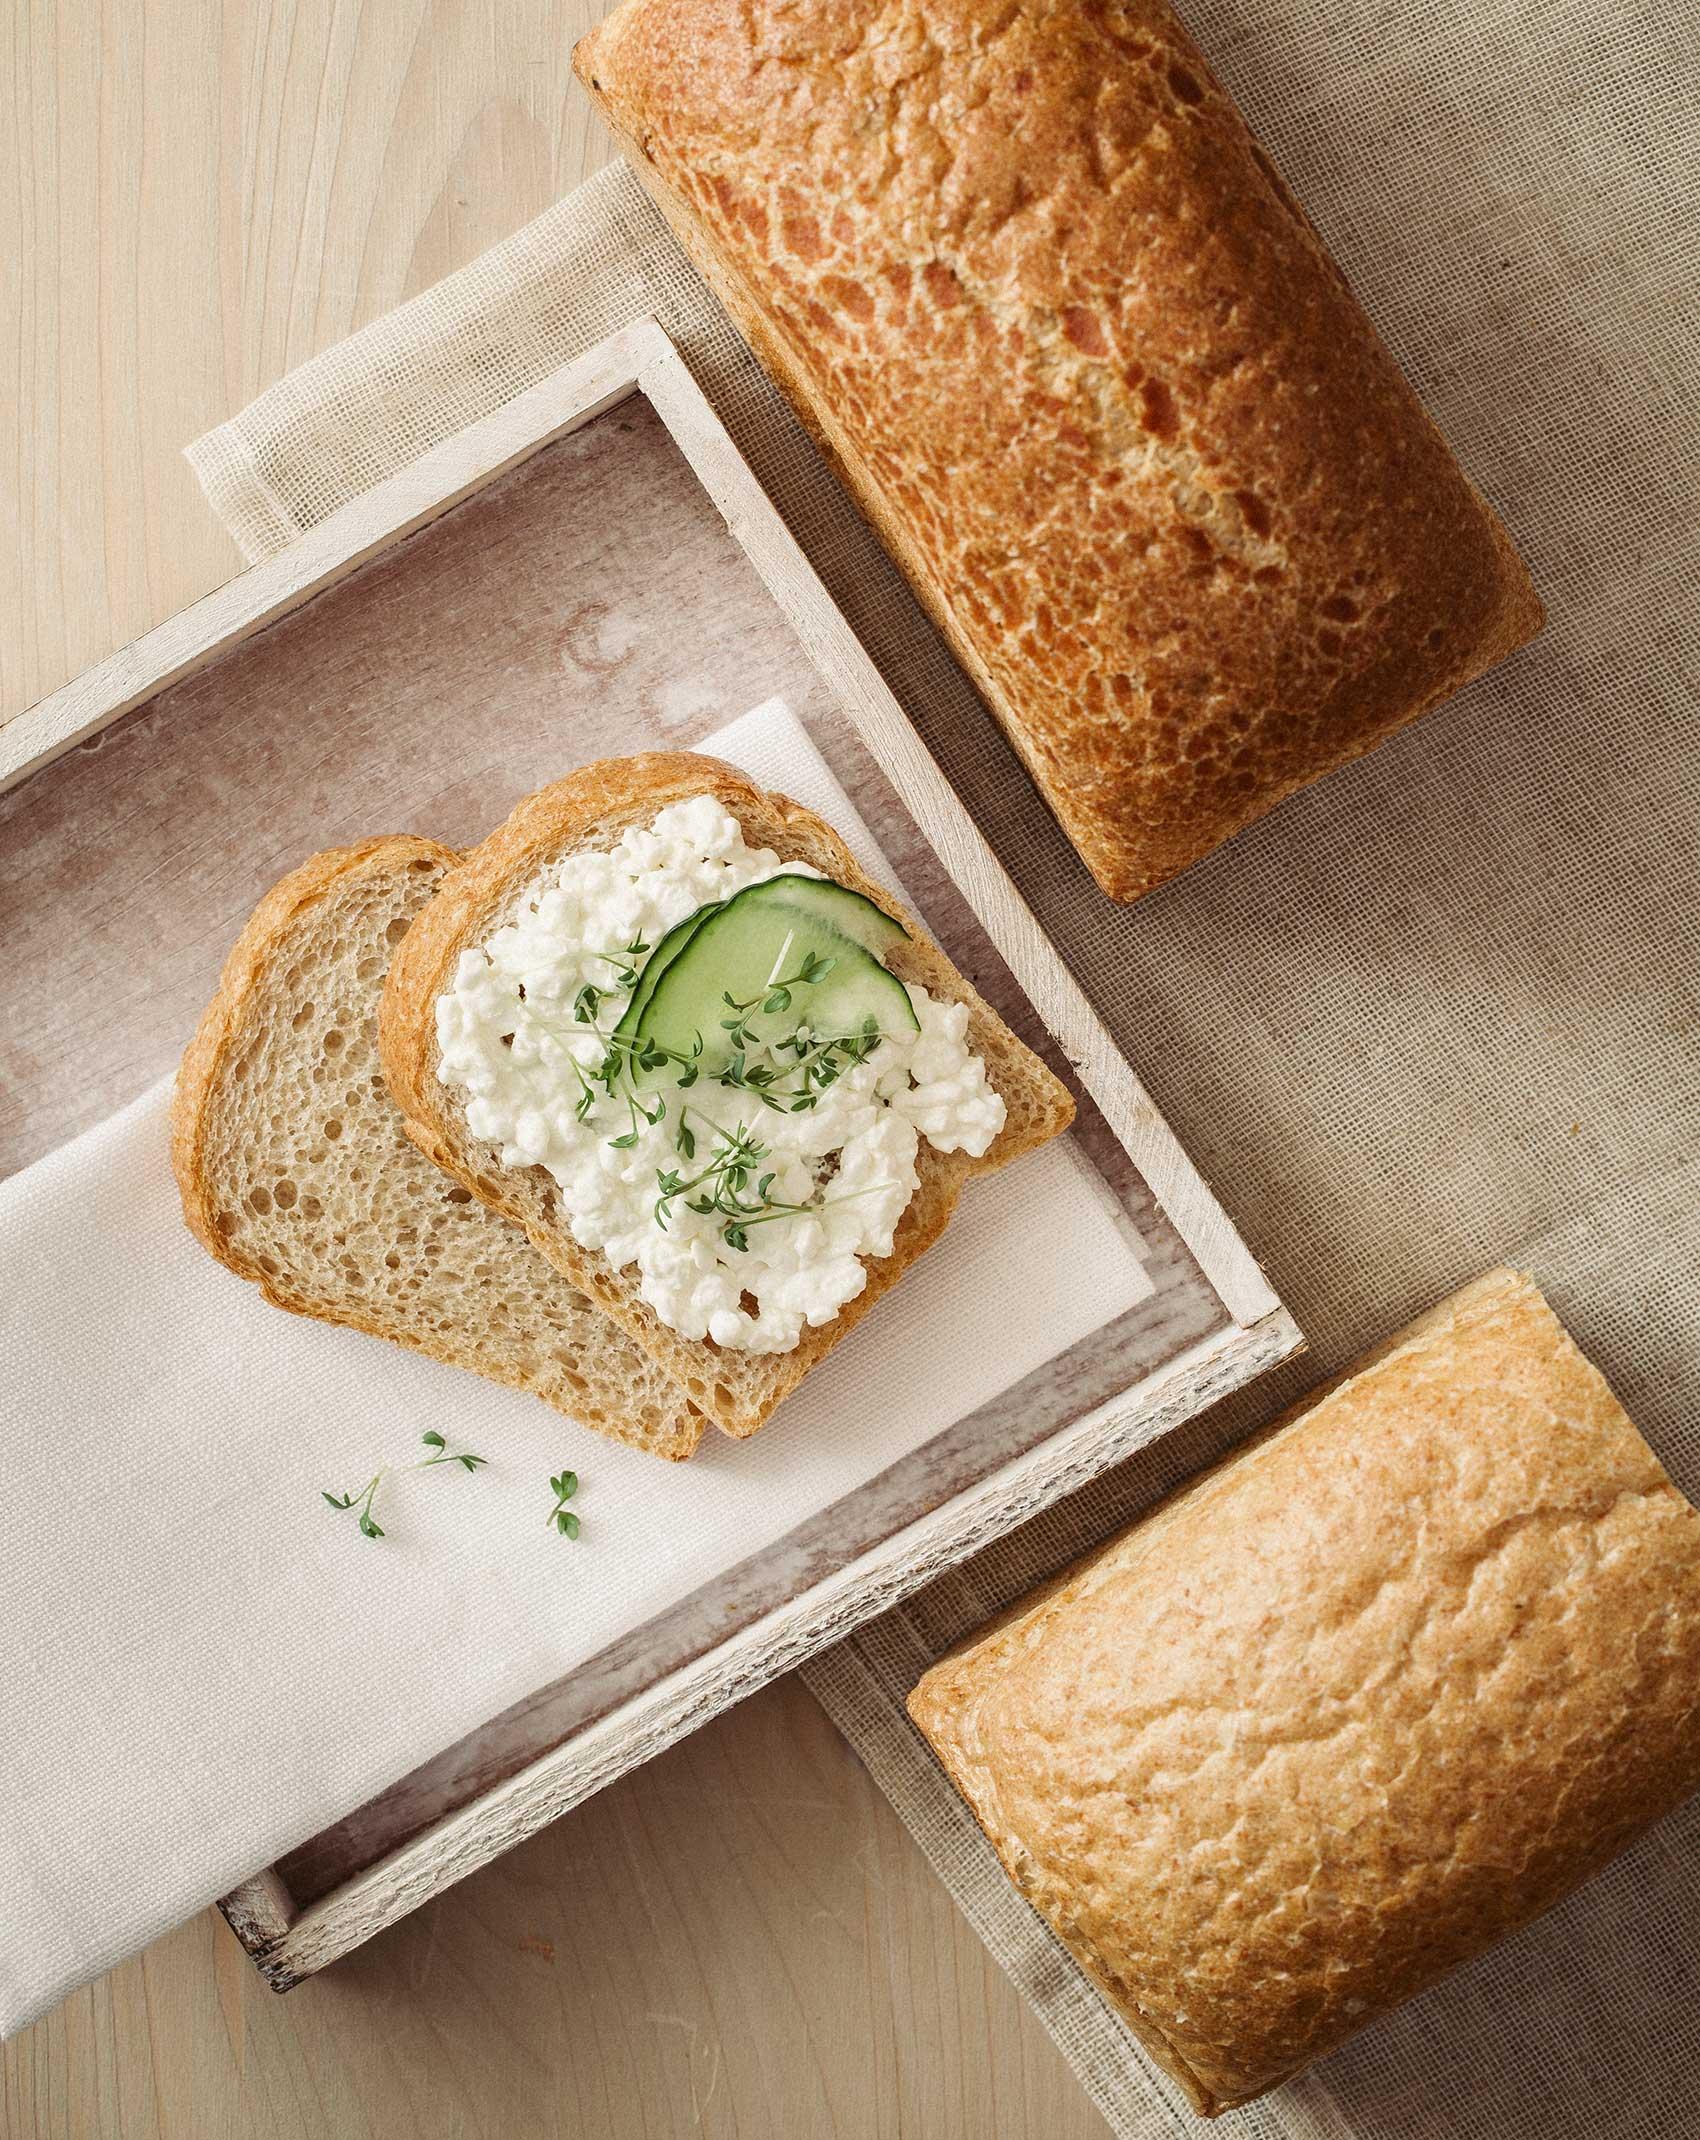 Traditionell hergestellte Brot- und Backwaren aus dem Allgäu